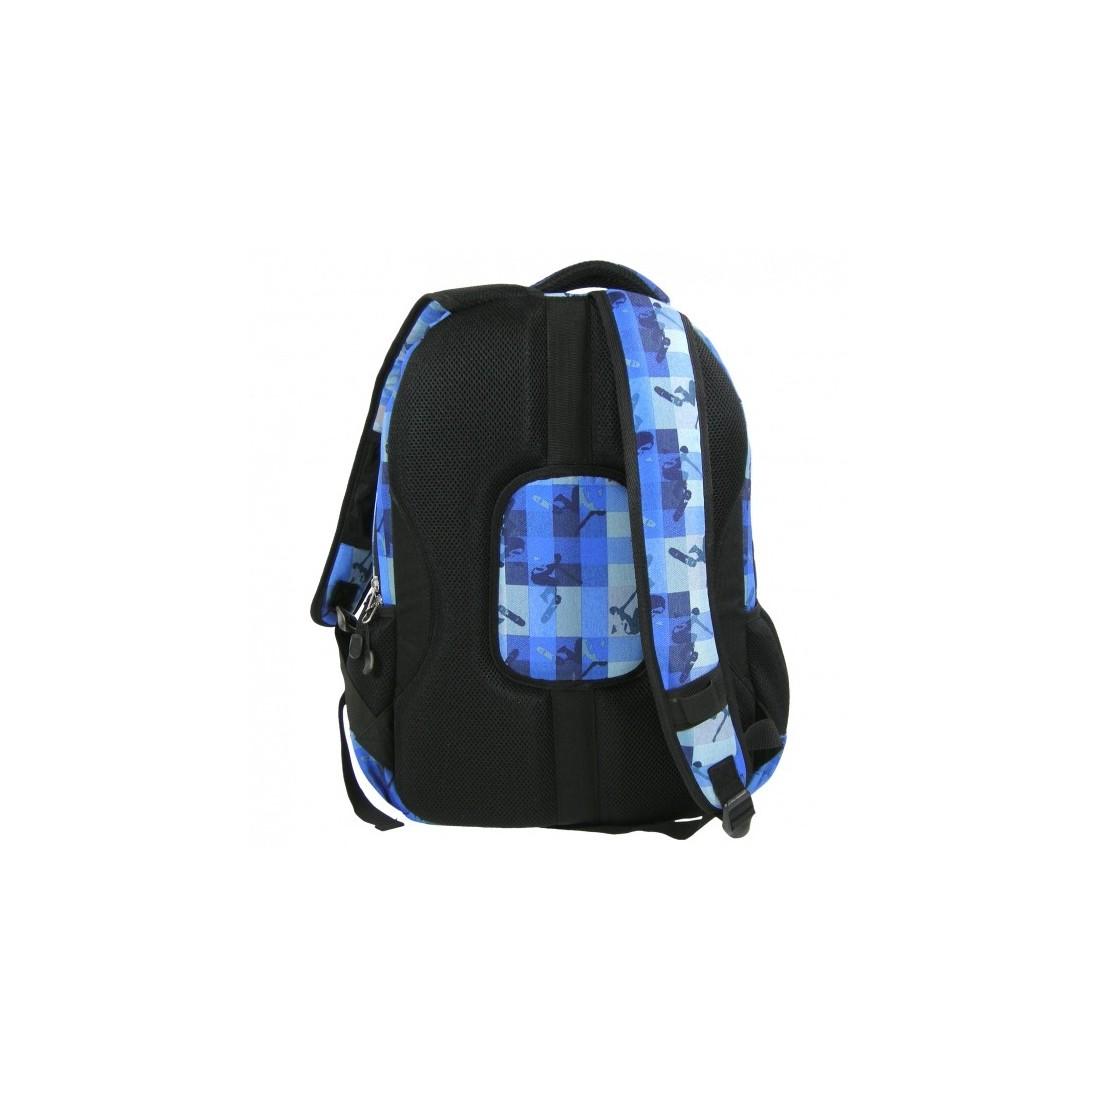 Plecak młodzieżowy w niebieską kratkę - plecak-tornister.pl